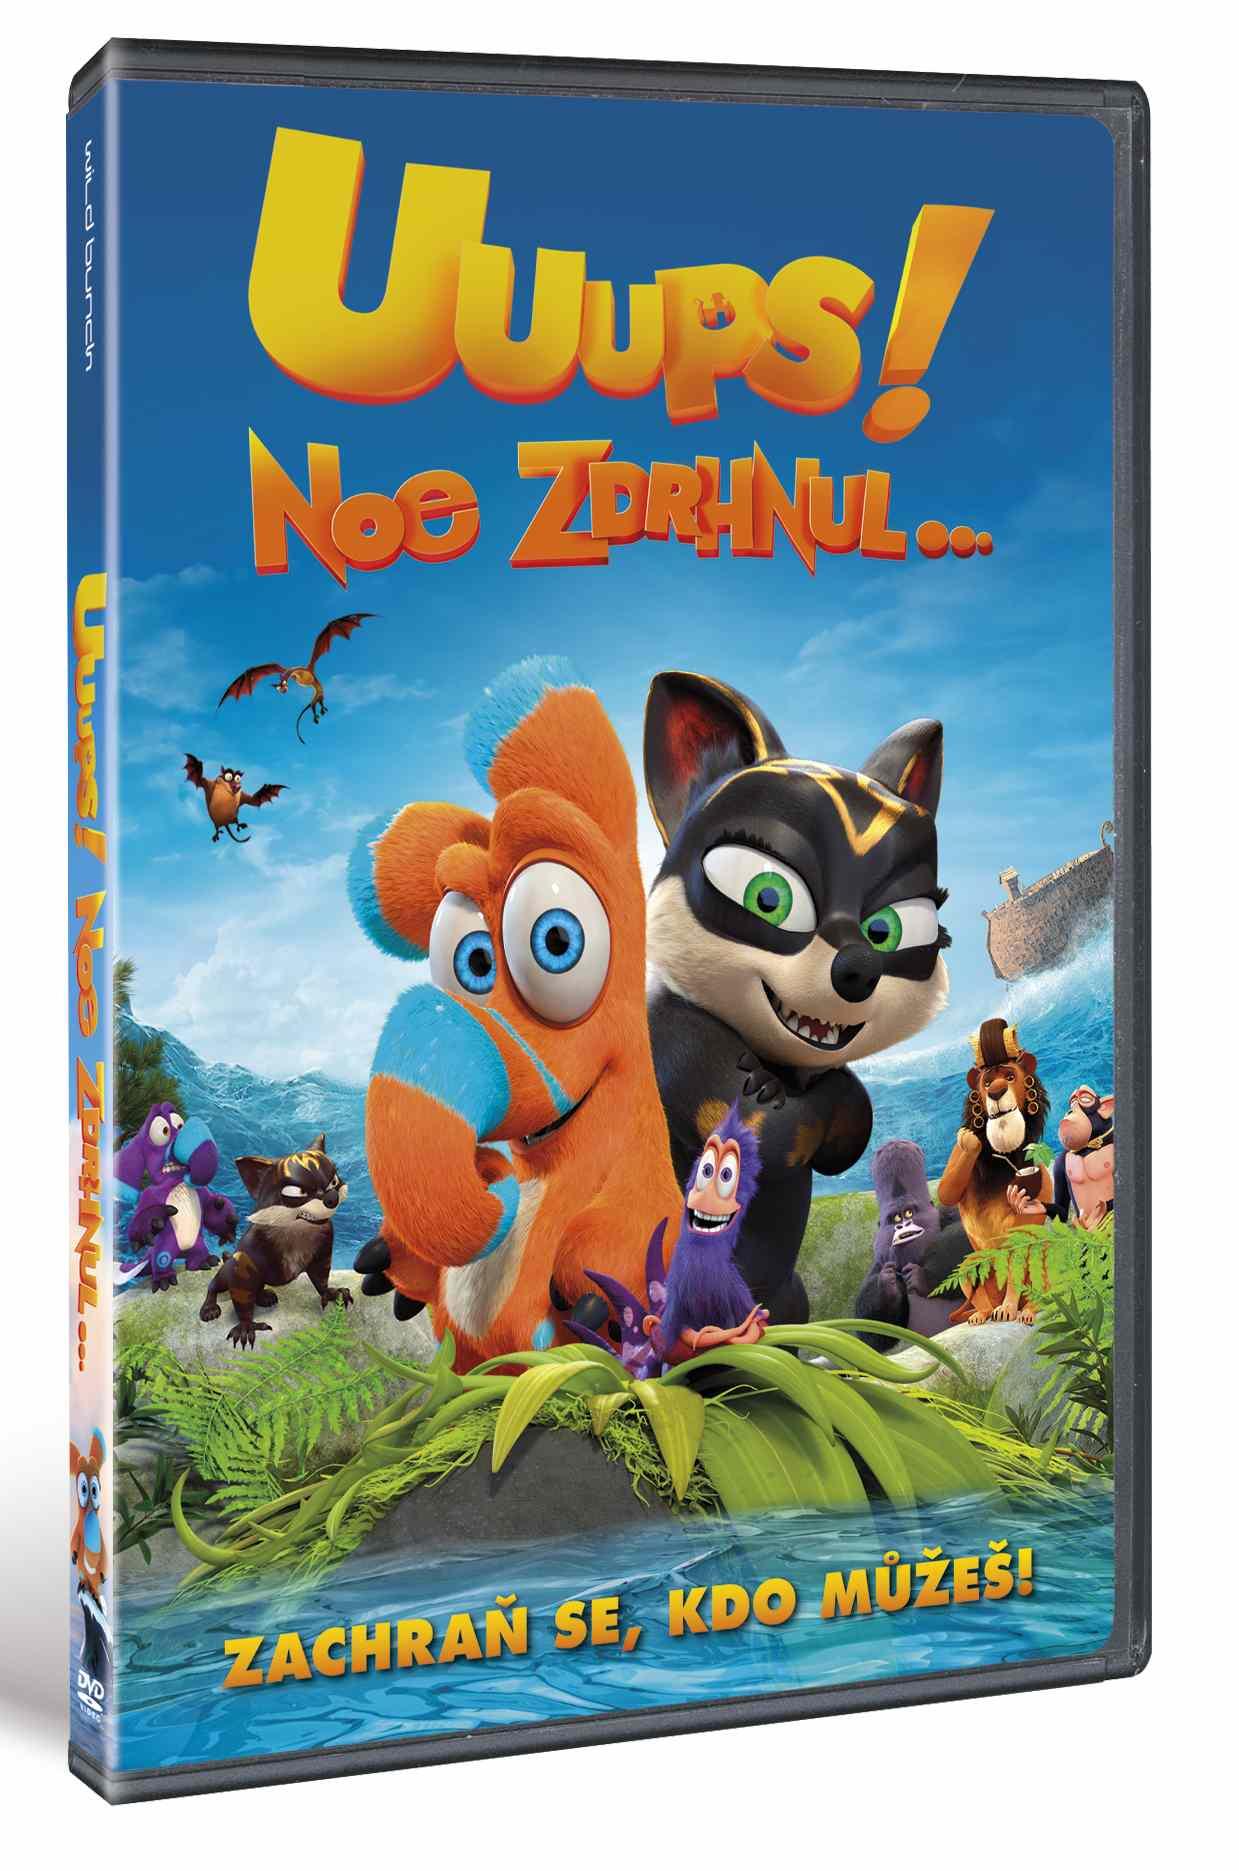 UUUPS! NOE ZDRHNUL - DVD